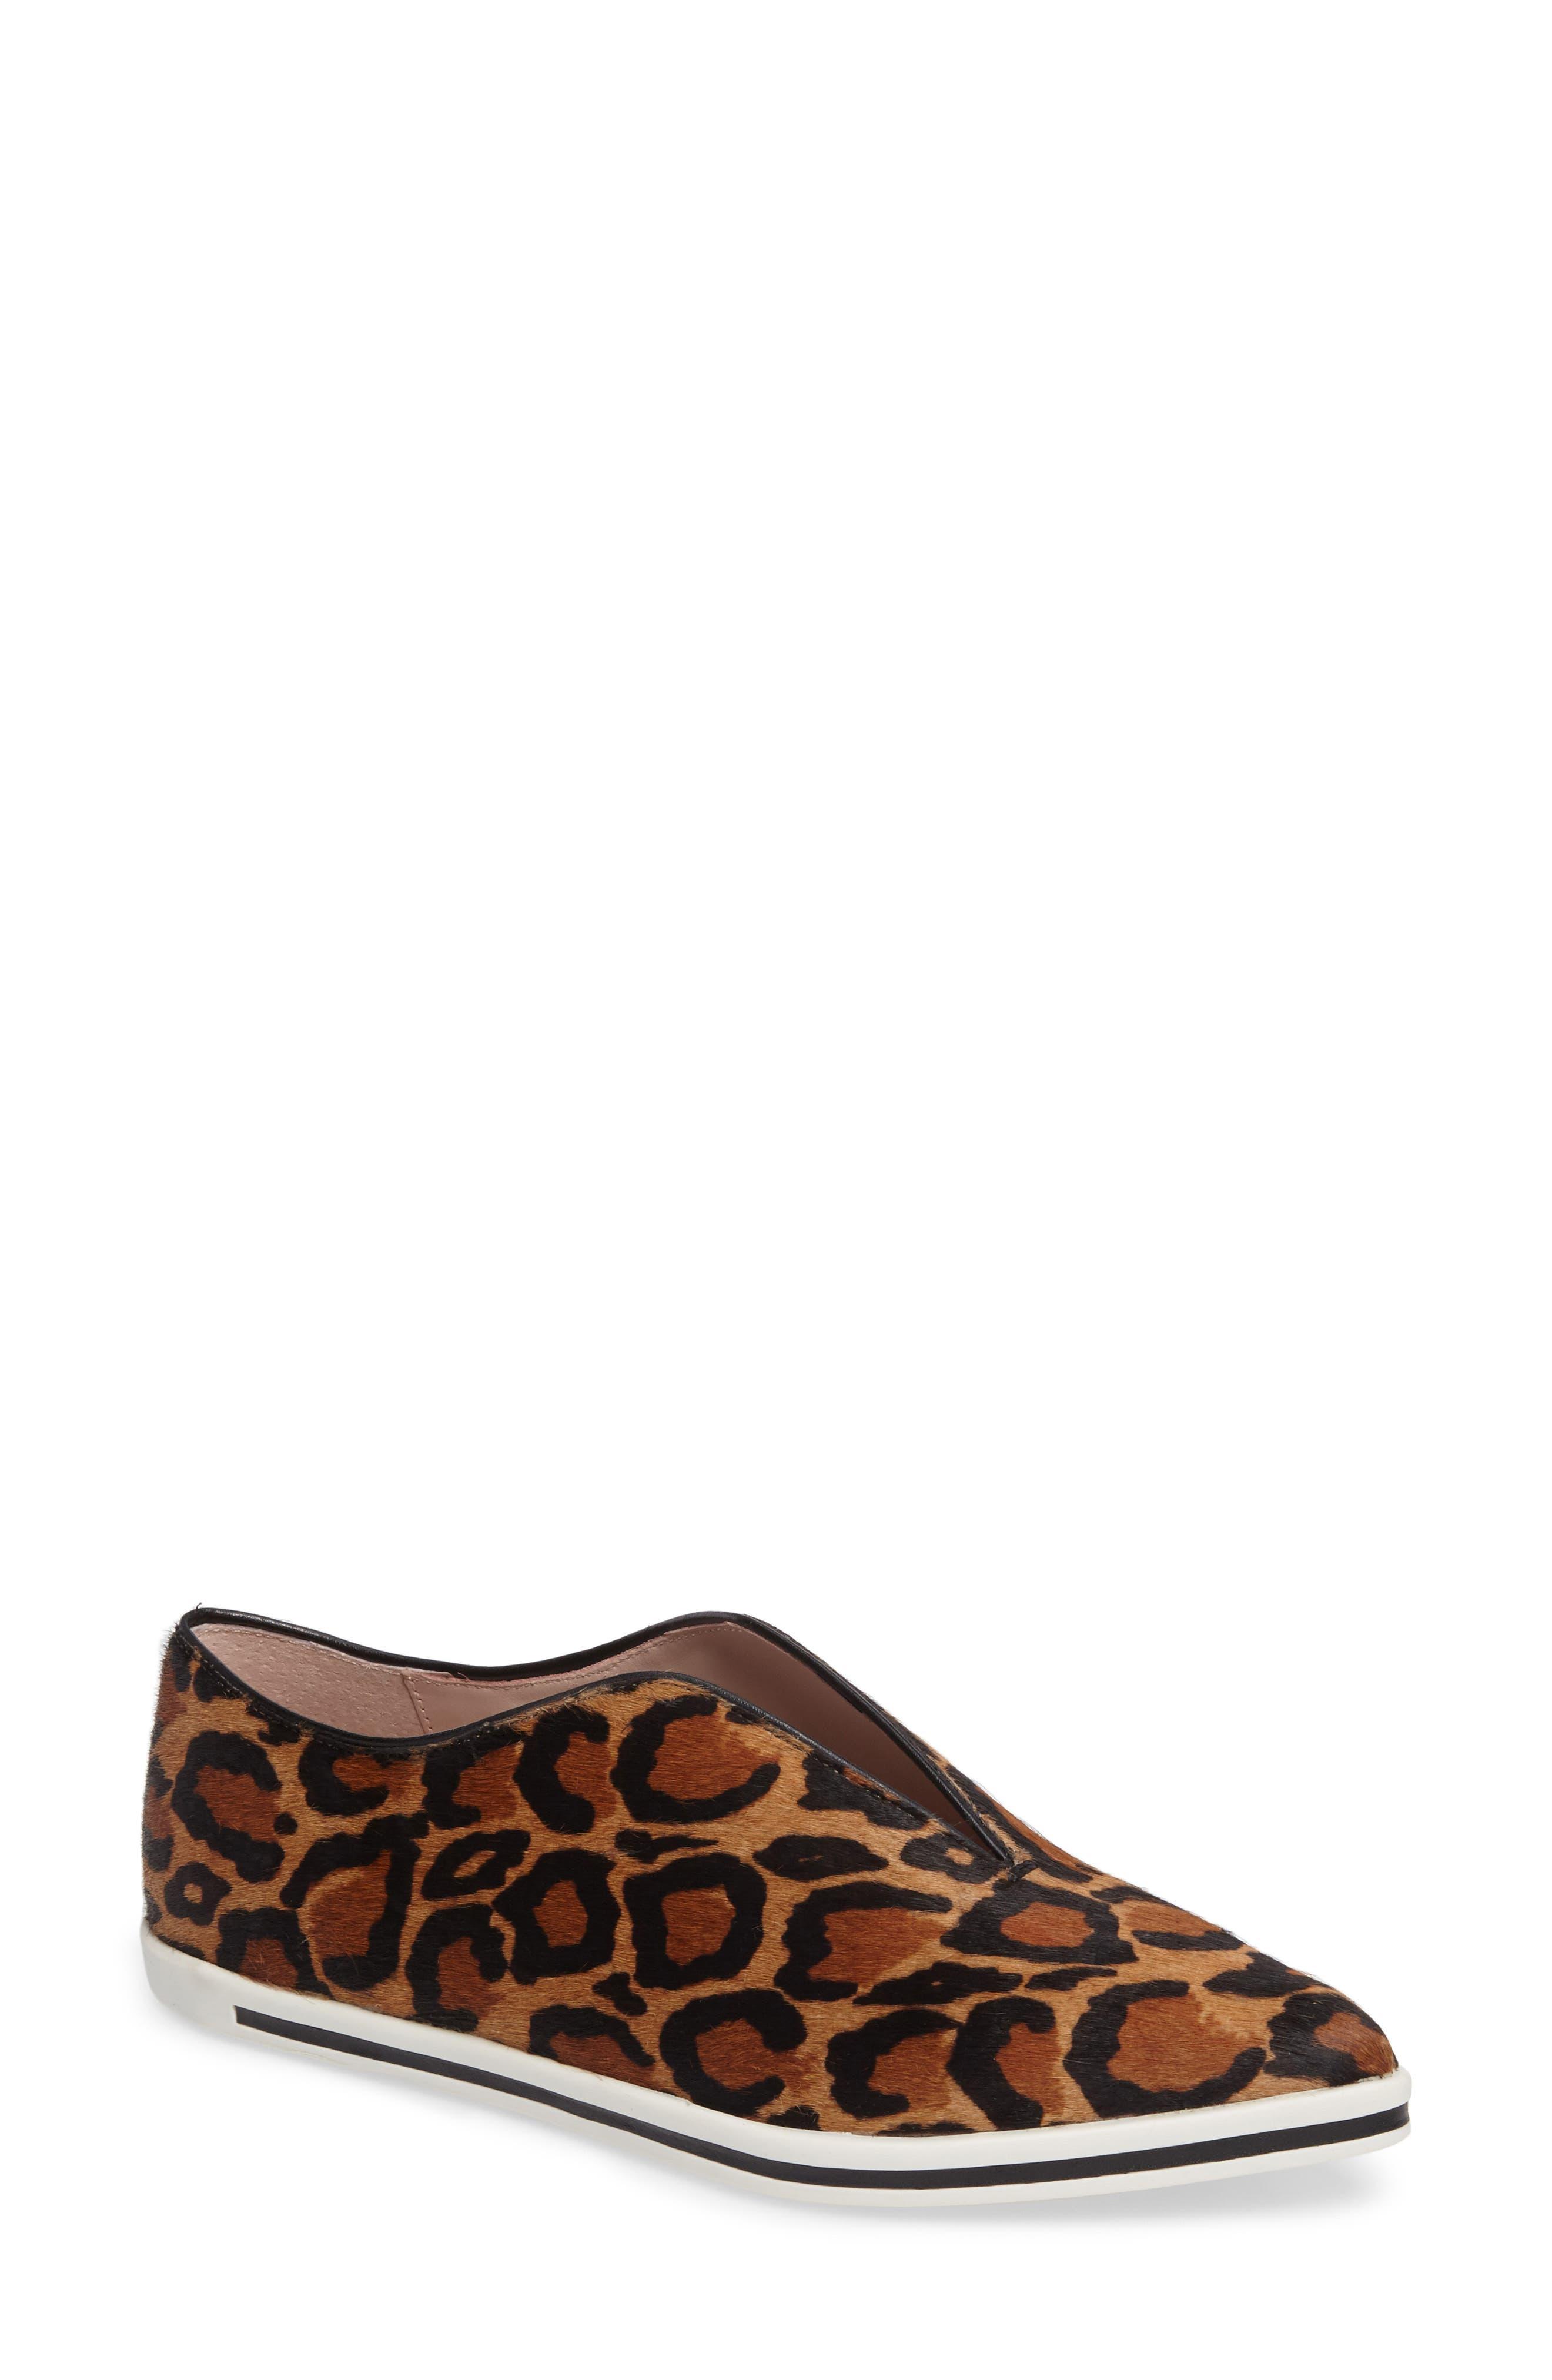 Alternate Image 1 Selected - James Chan Tisha II Slip-On Sneaker (Women)